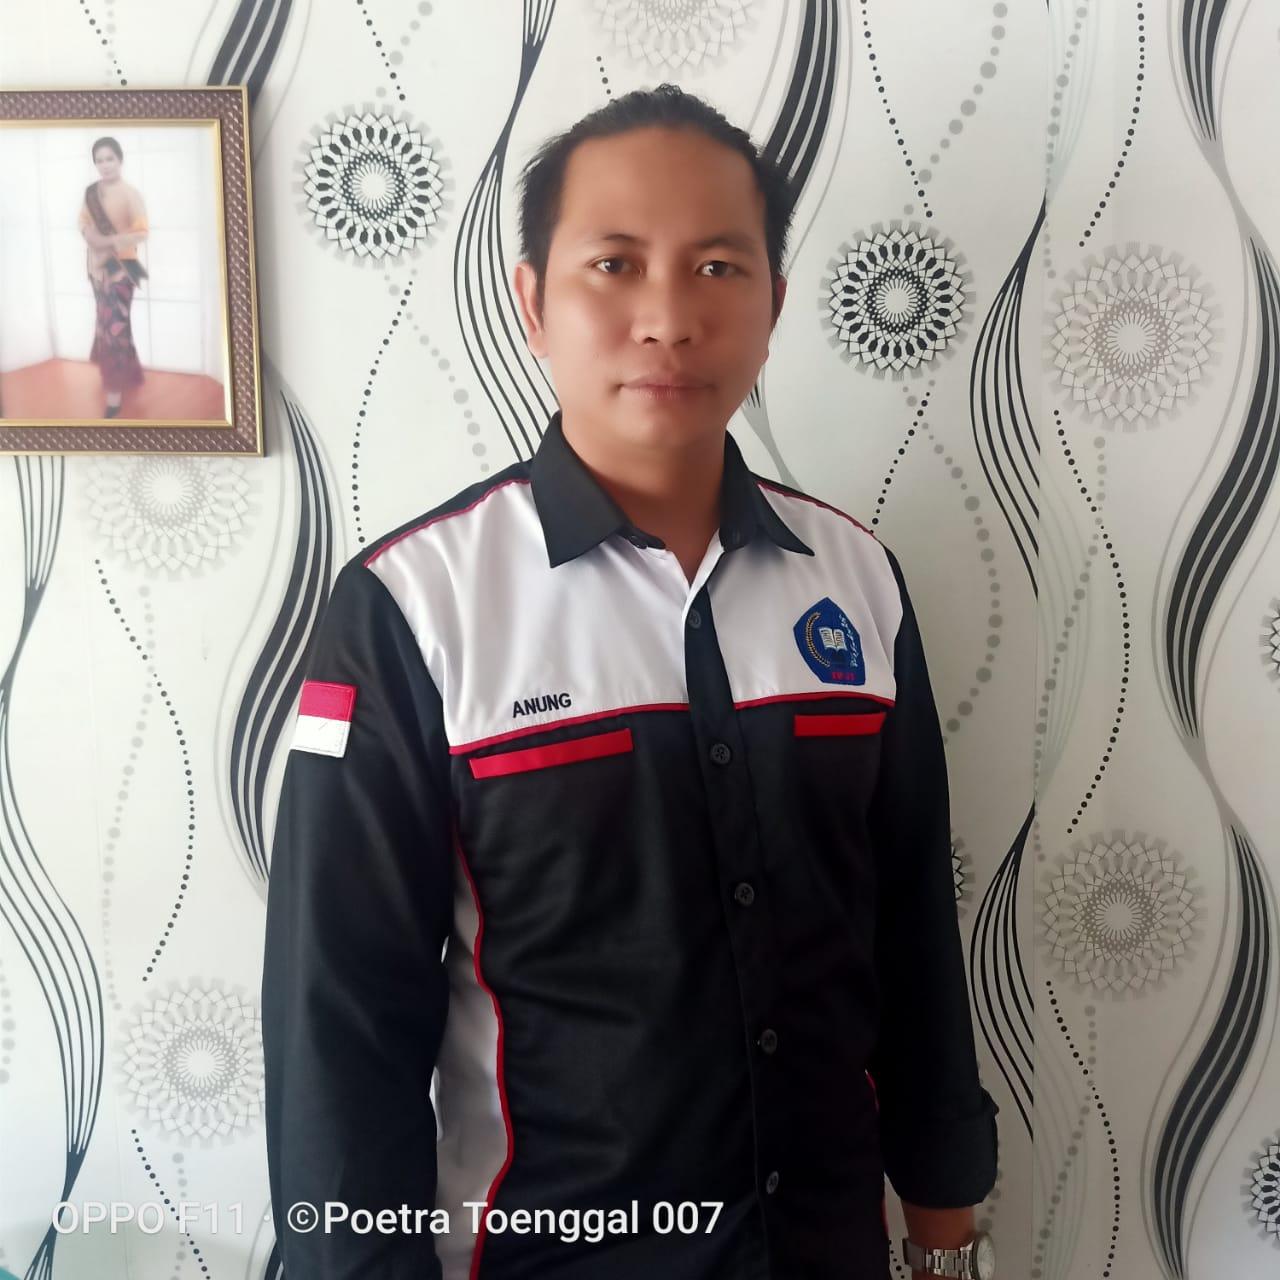 Ketua IPJI Barut, Berharap Pilkada di Kalteng, Media Tampilkan Berita Sejuk